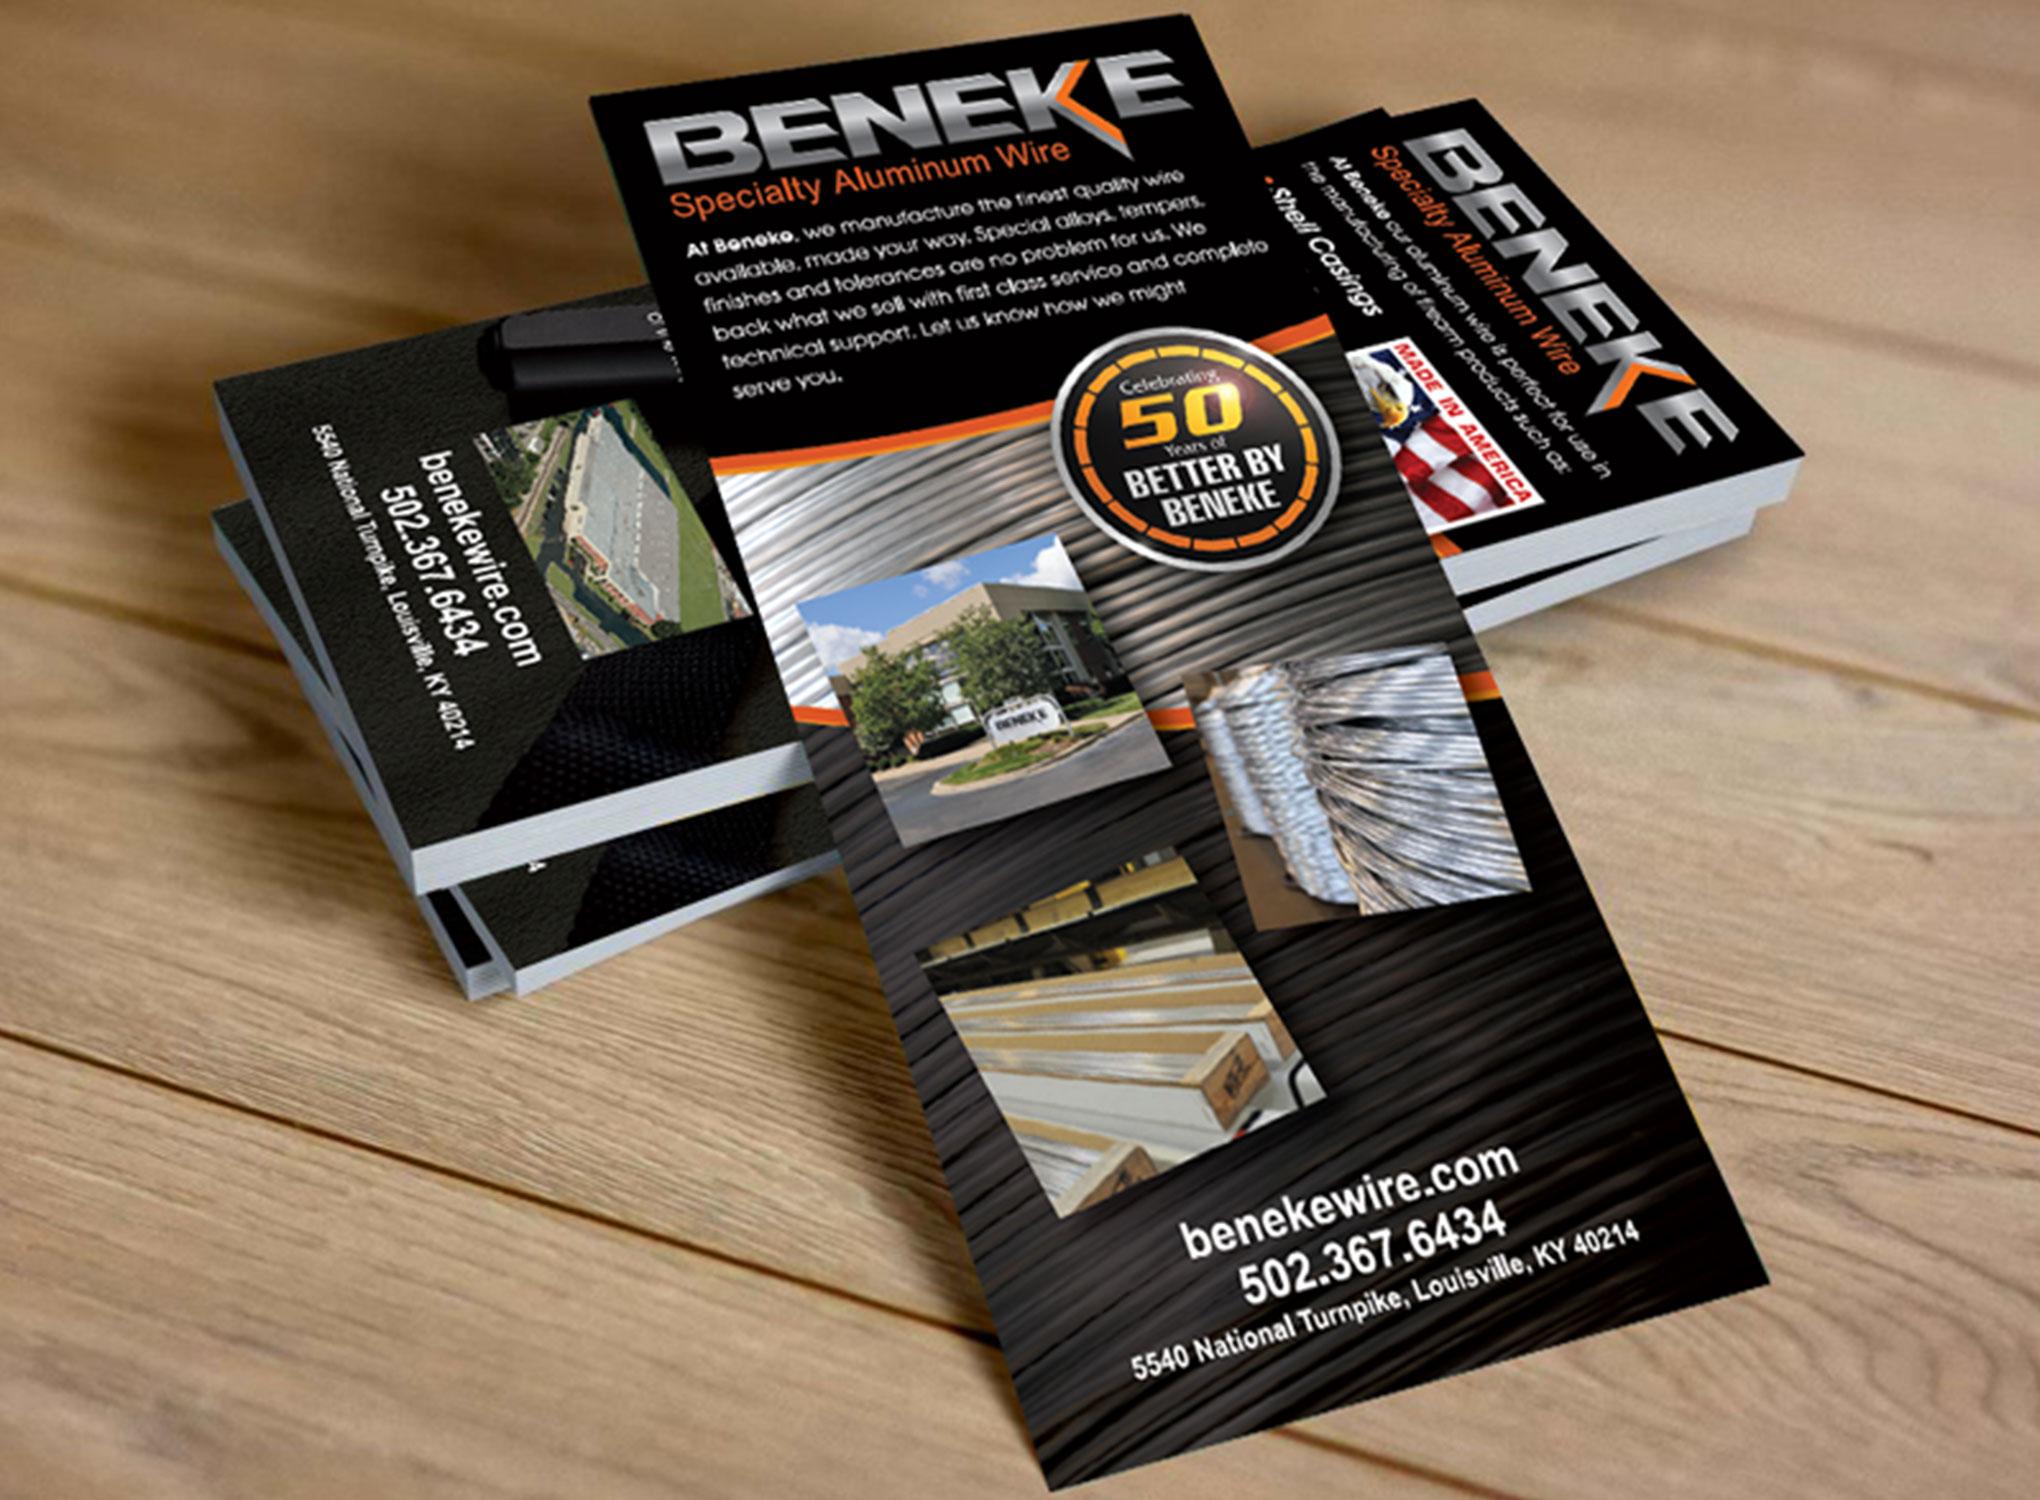 Beneke show flyers